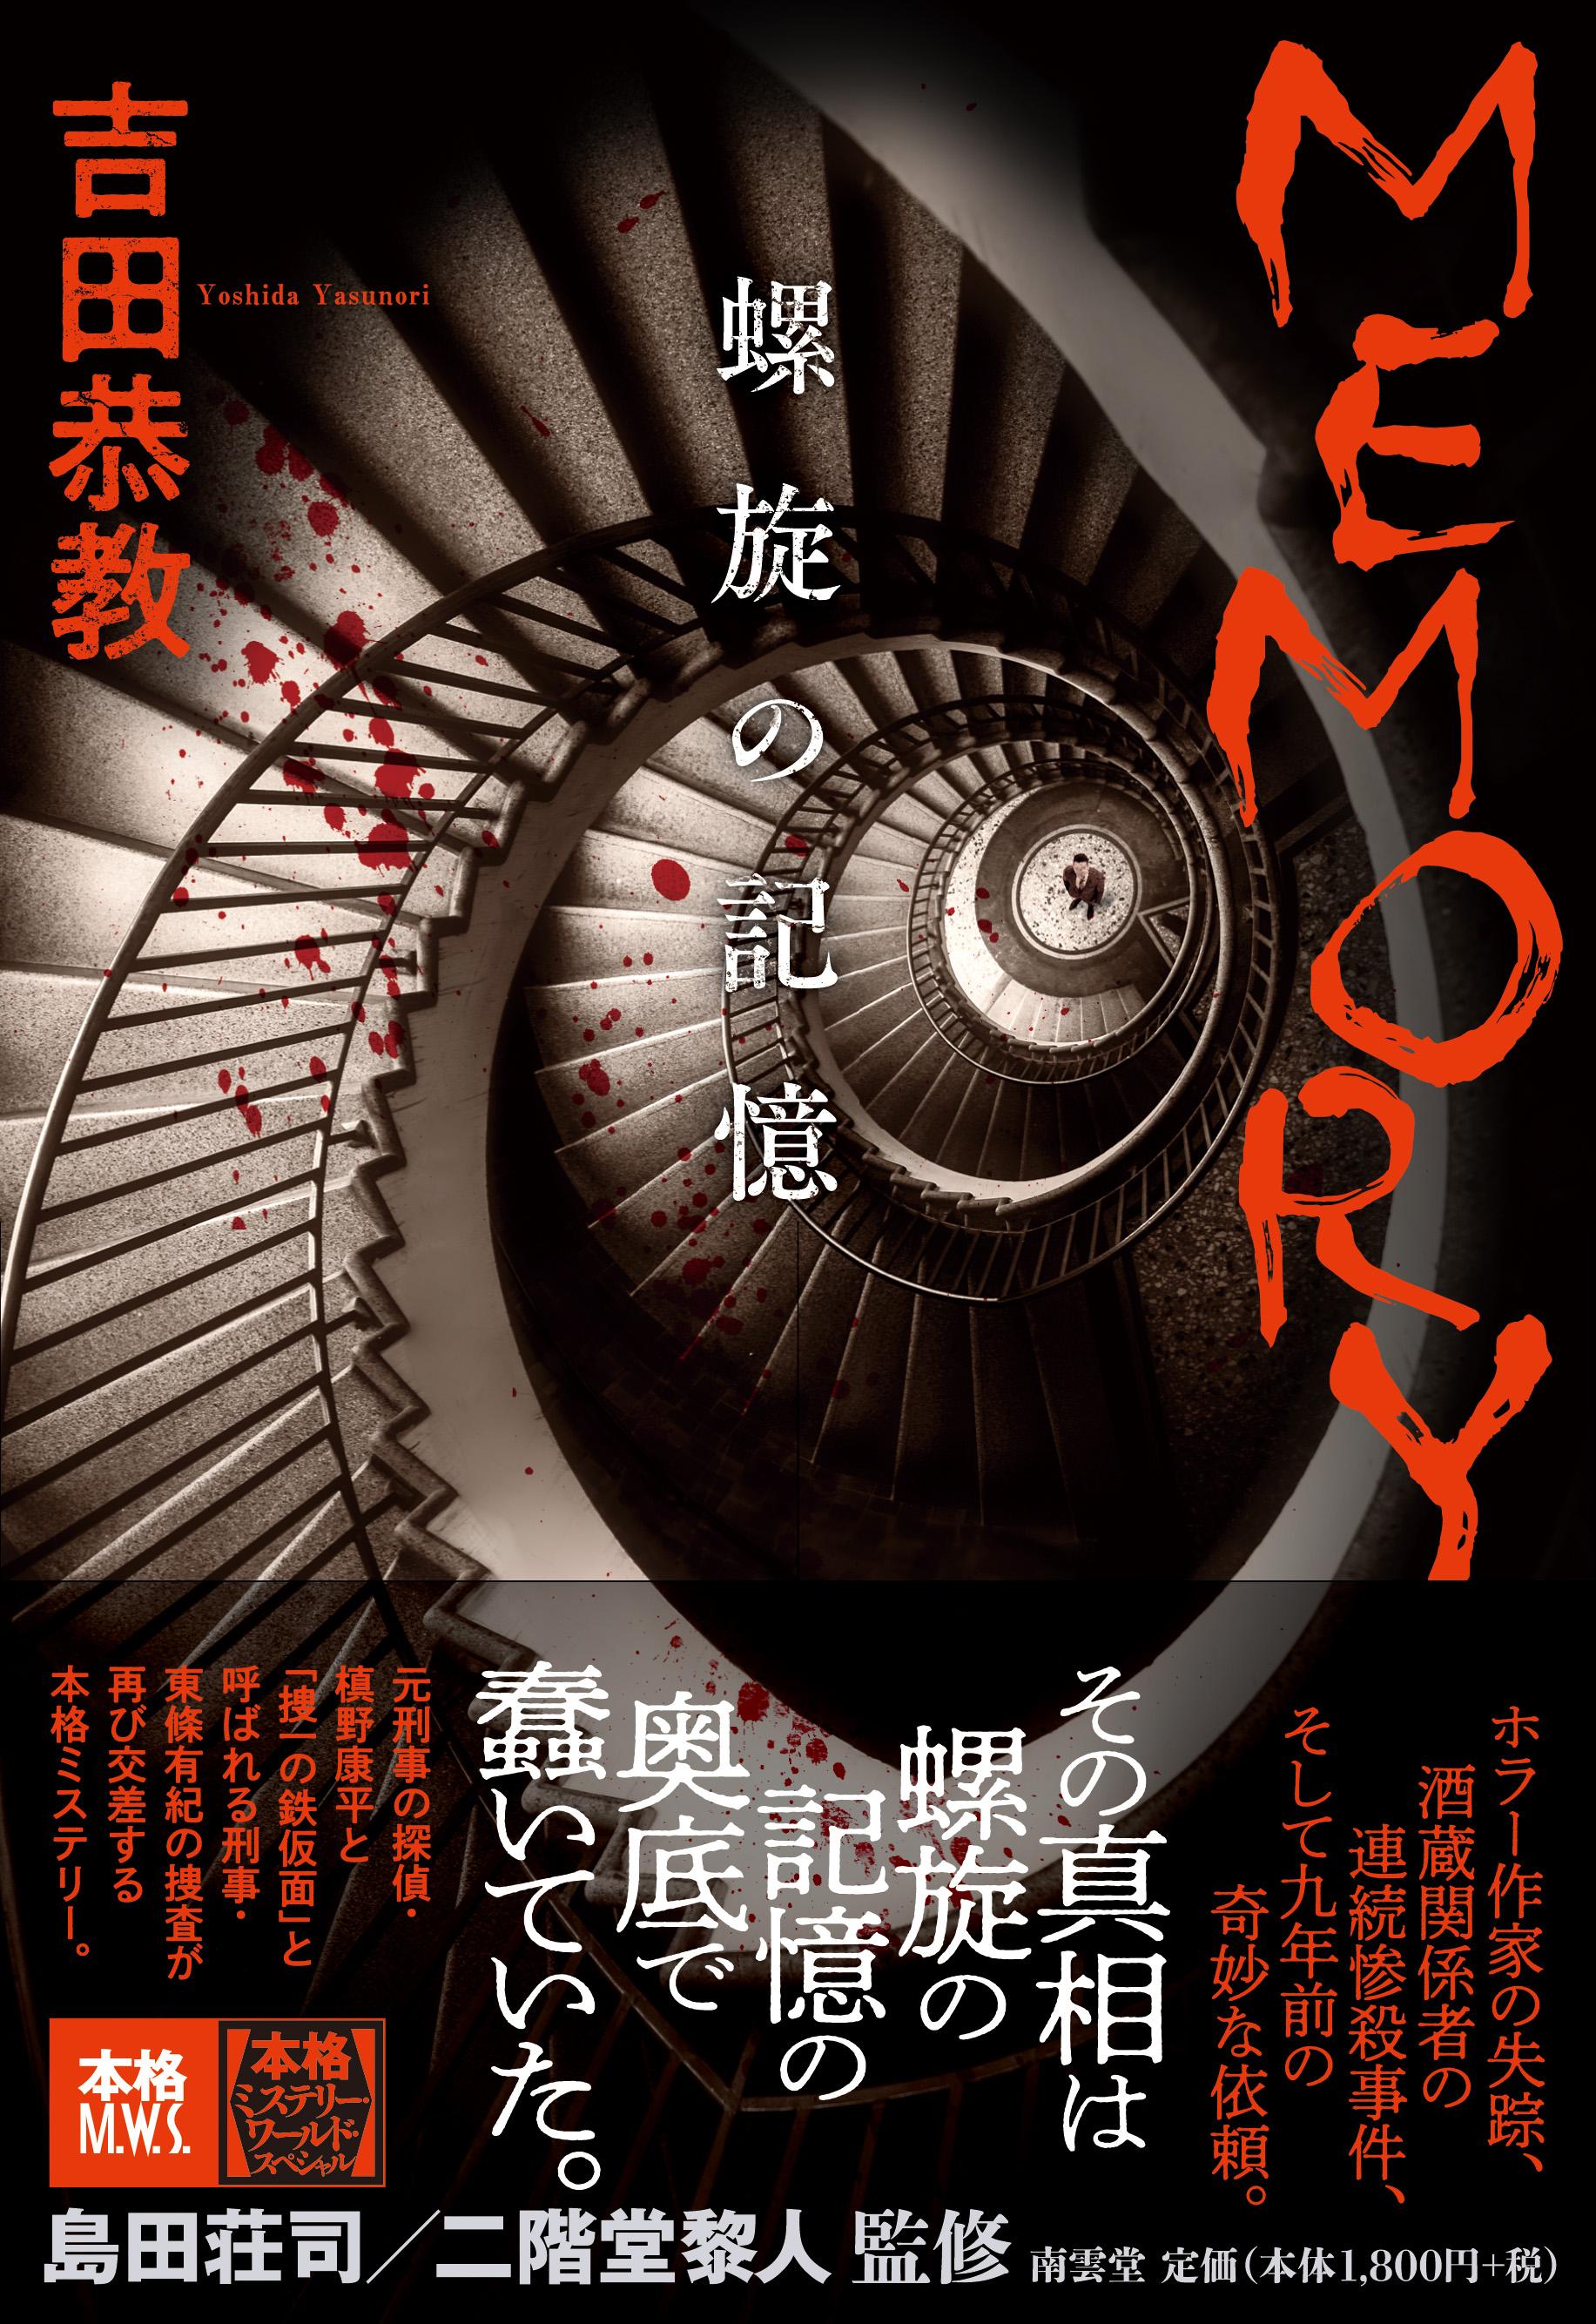 元刑事の探偵・槙野康平と「捜一の鉄仮面」と呼ばれる刑事・東條有紀の捜査が再び交差する本格ミステリー